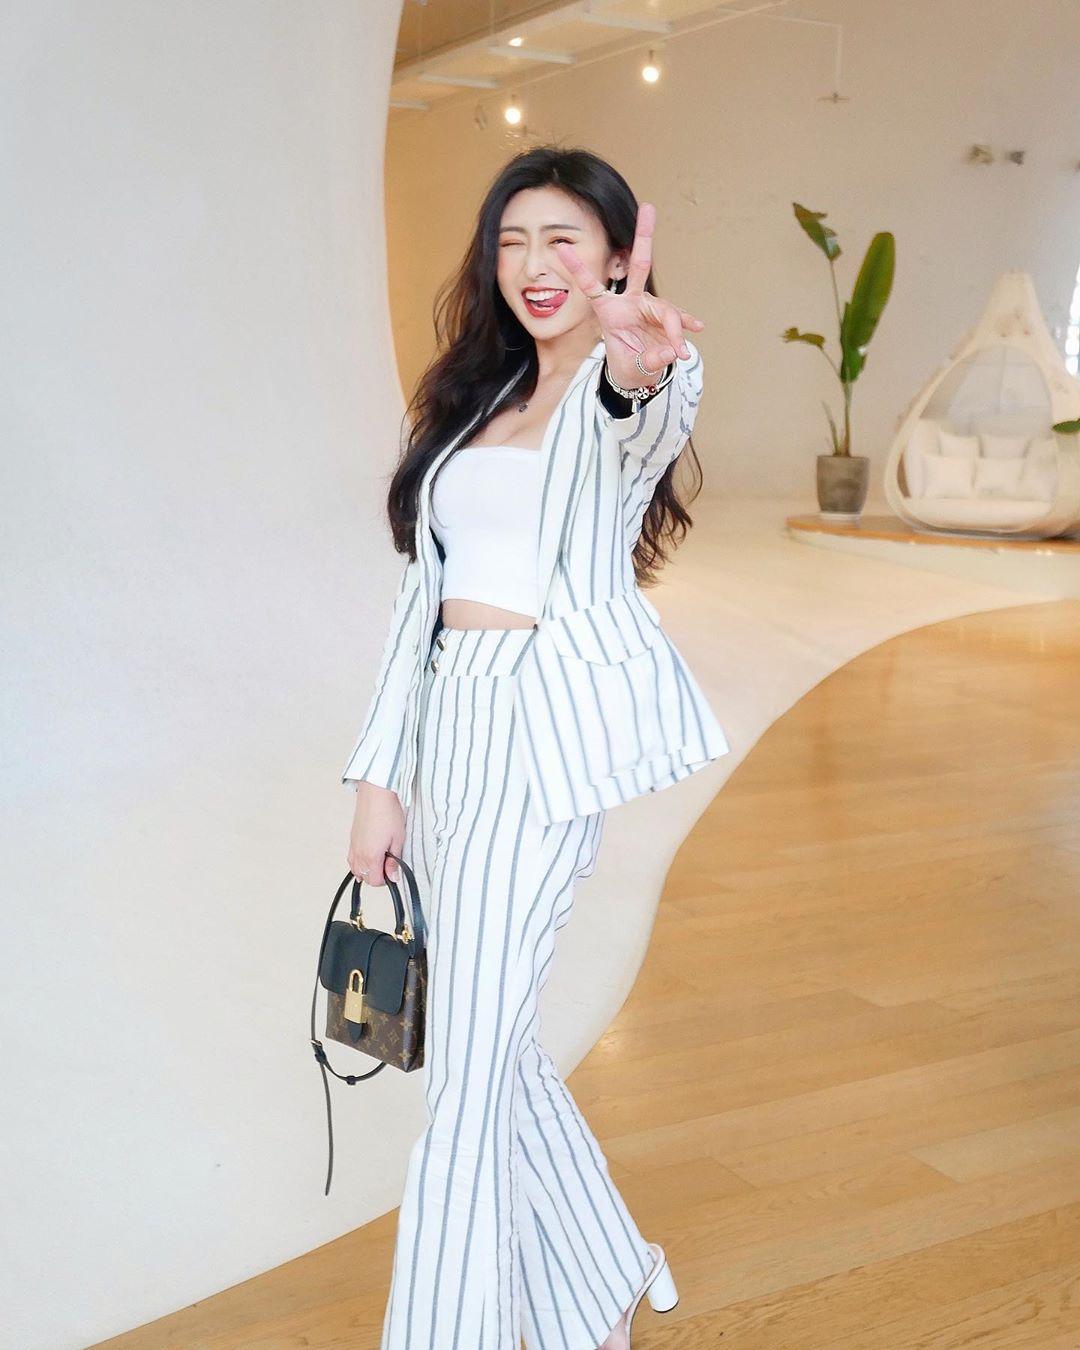 Chân dài nổi tiếng nhưng Seo Ye Ji cũng từng dìm dáng thảm hại vì chọn nhầm bộ suit khiến chân ngắn một mẩu - Ảnh 9.